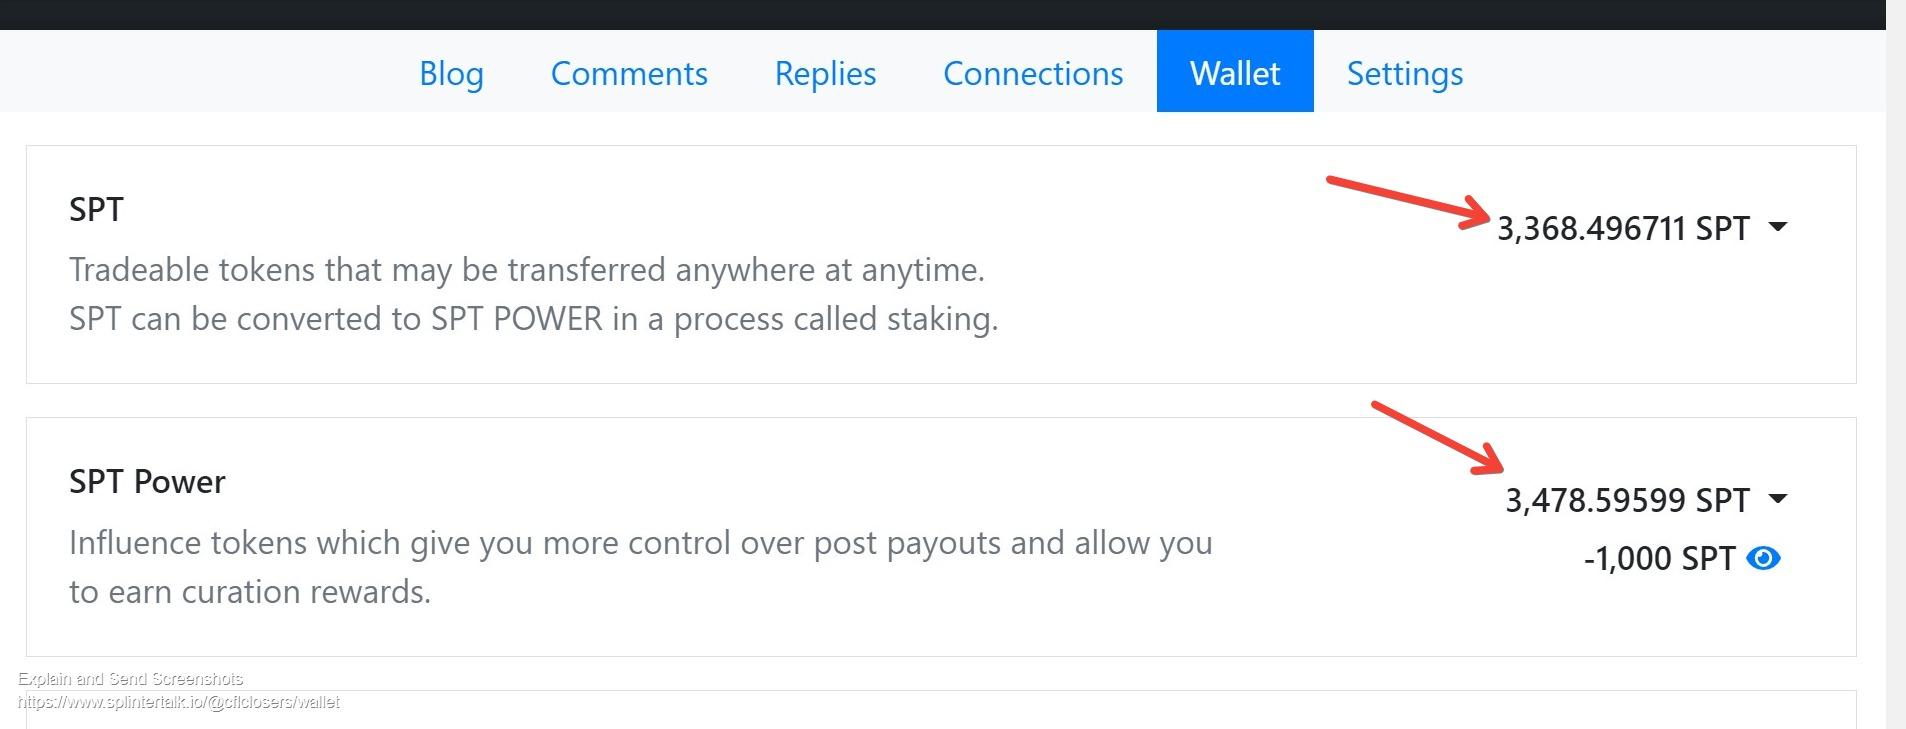 Screenshot of Wallet of Cflclosers cflclosers  Splintertalk 1.jpg